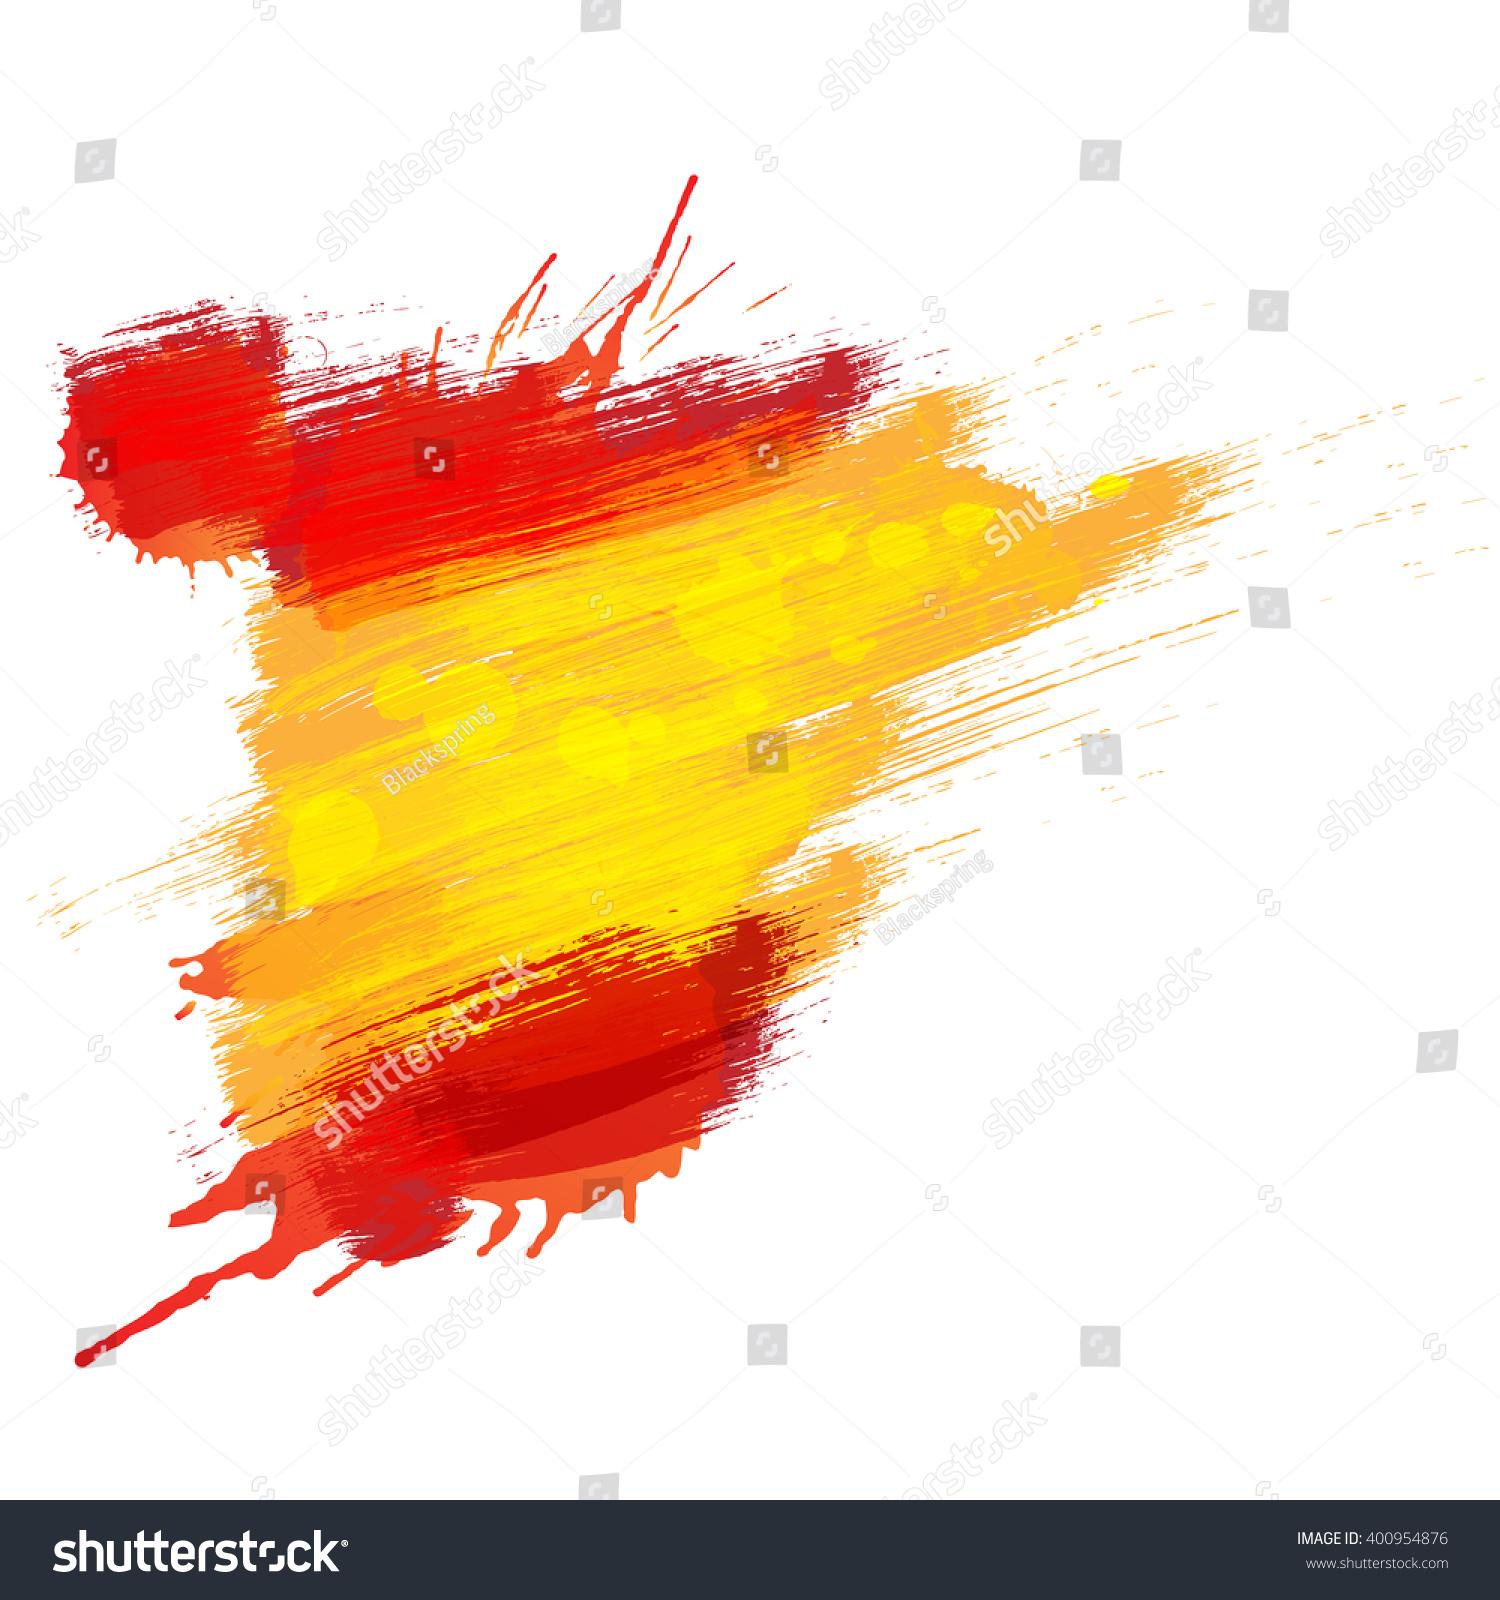 grunge map spain spanish flag stock illustration 400954876